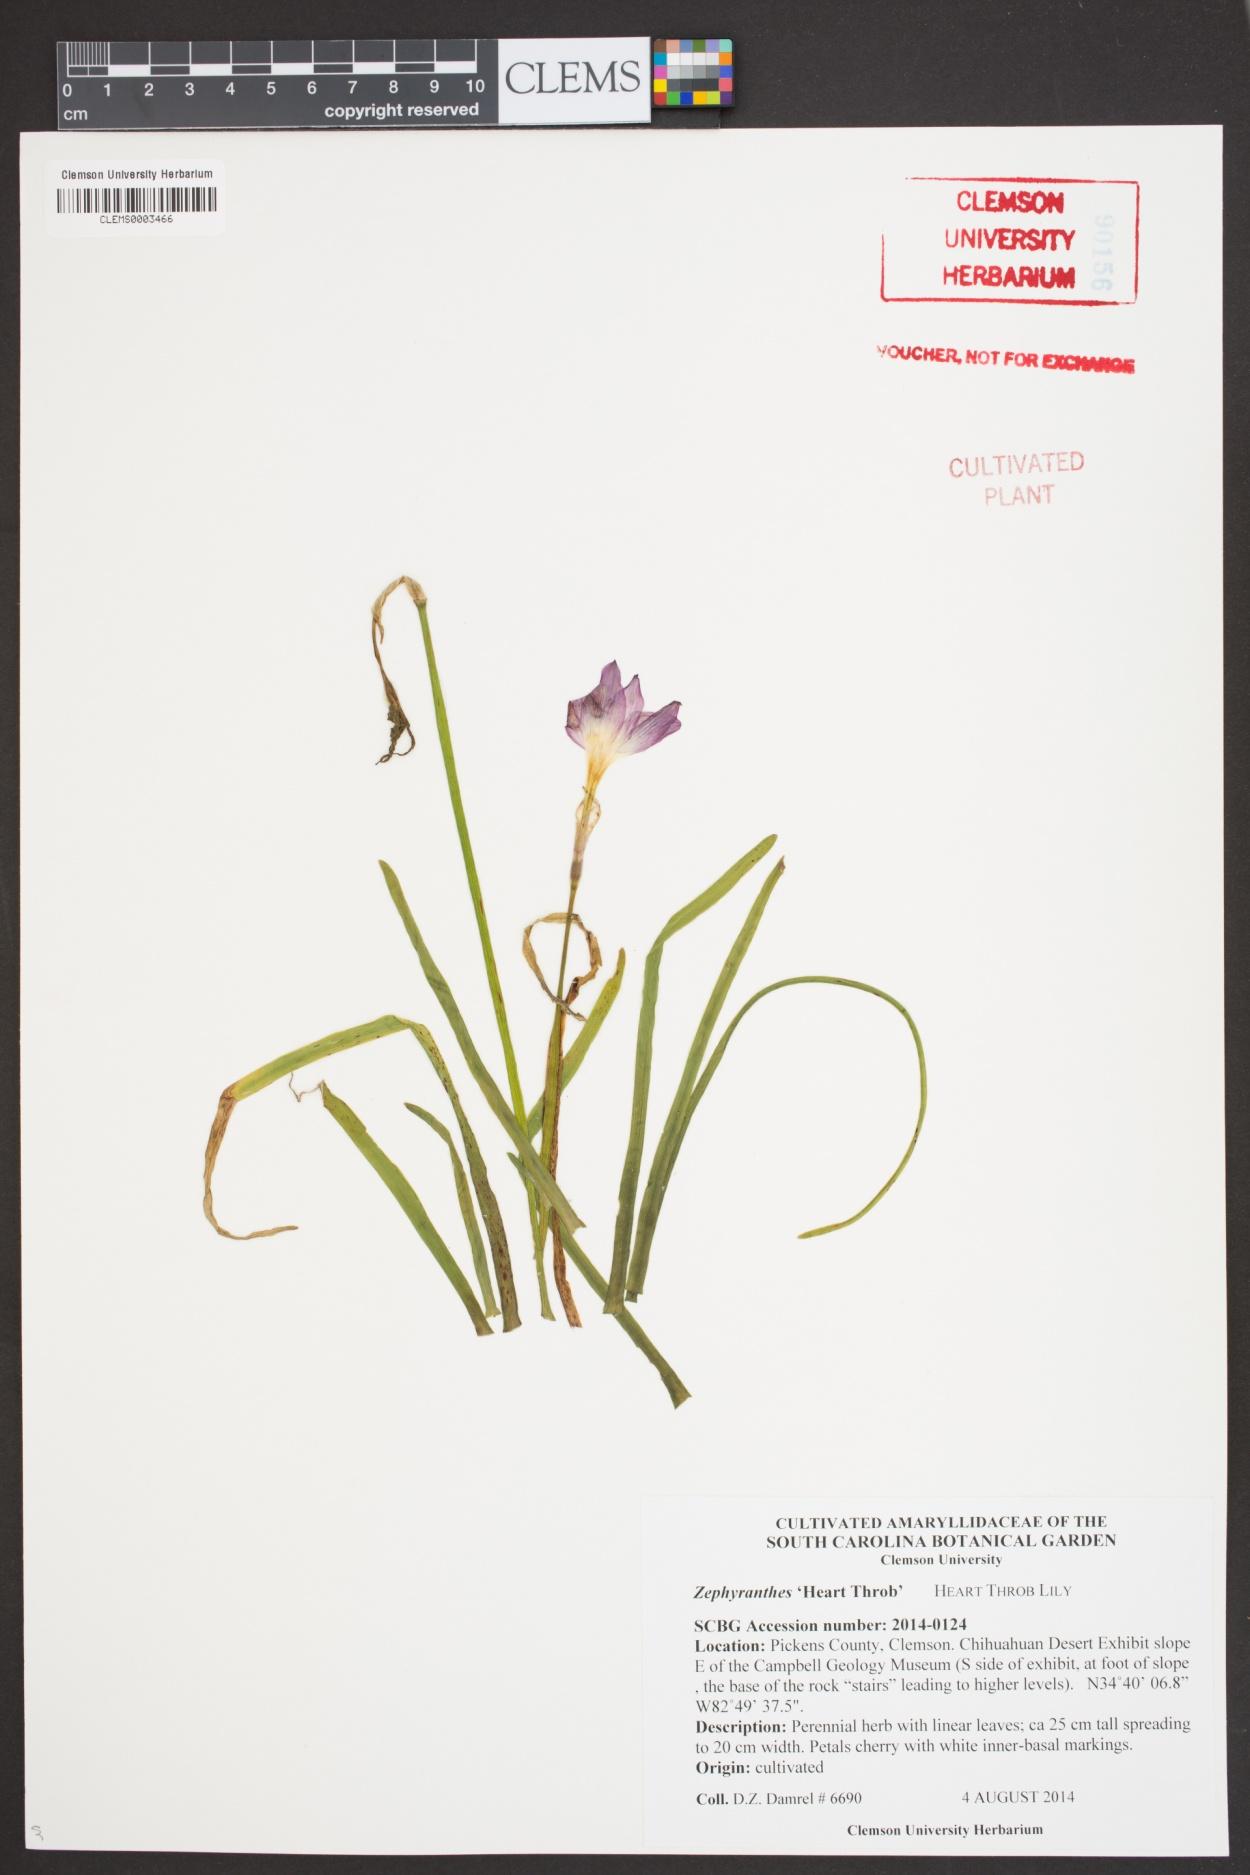 Zephyranthes image